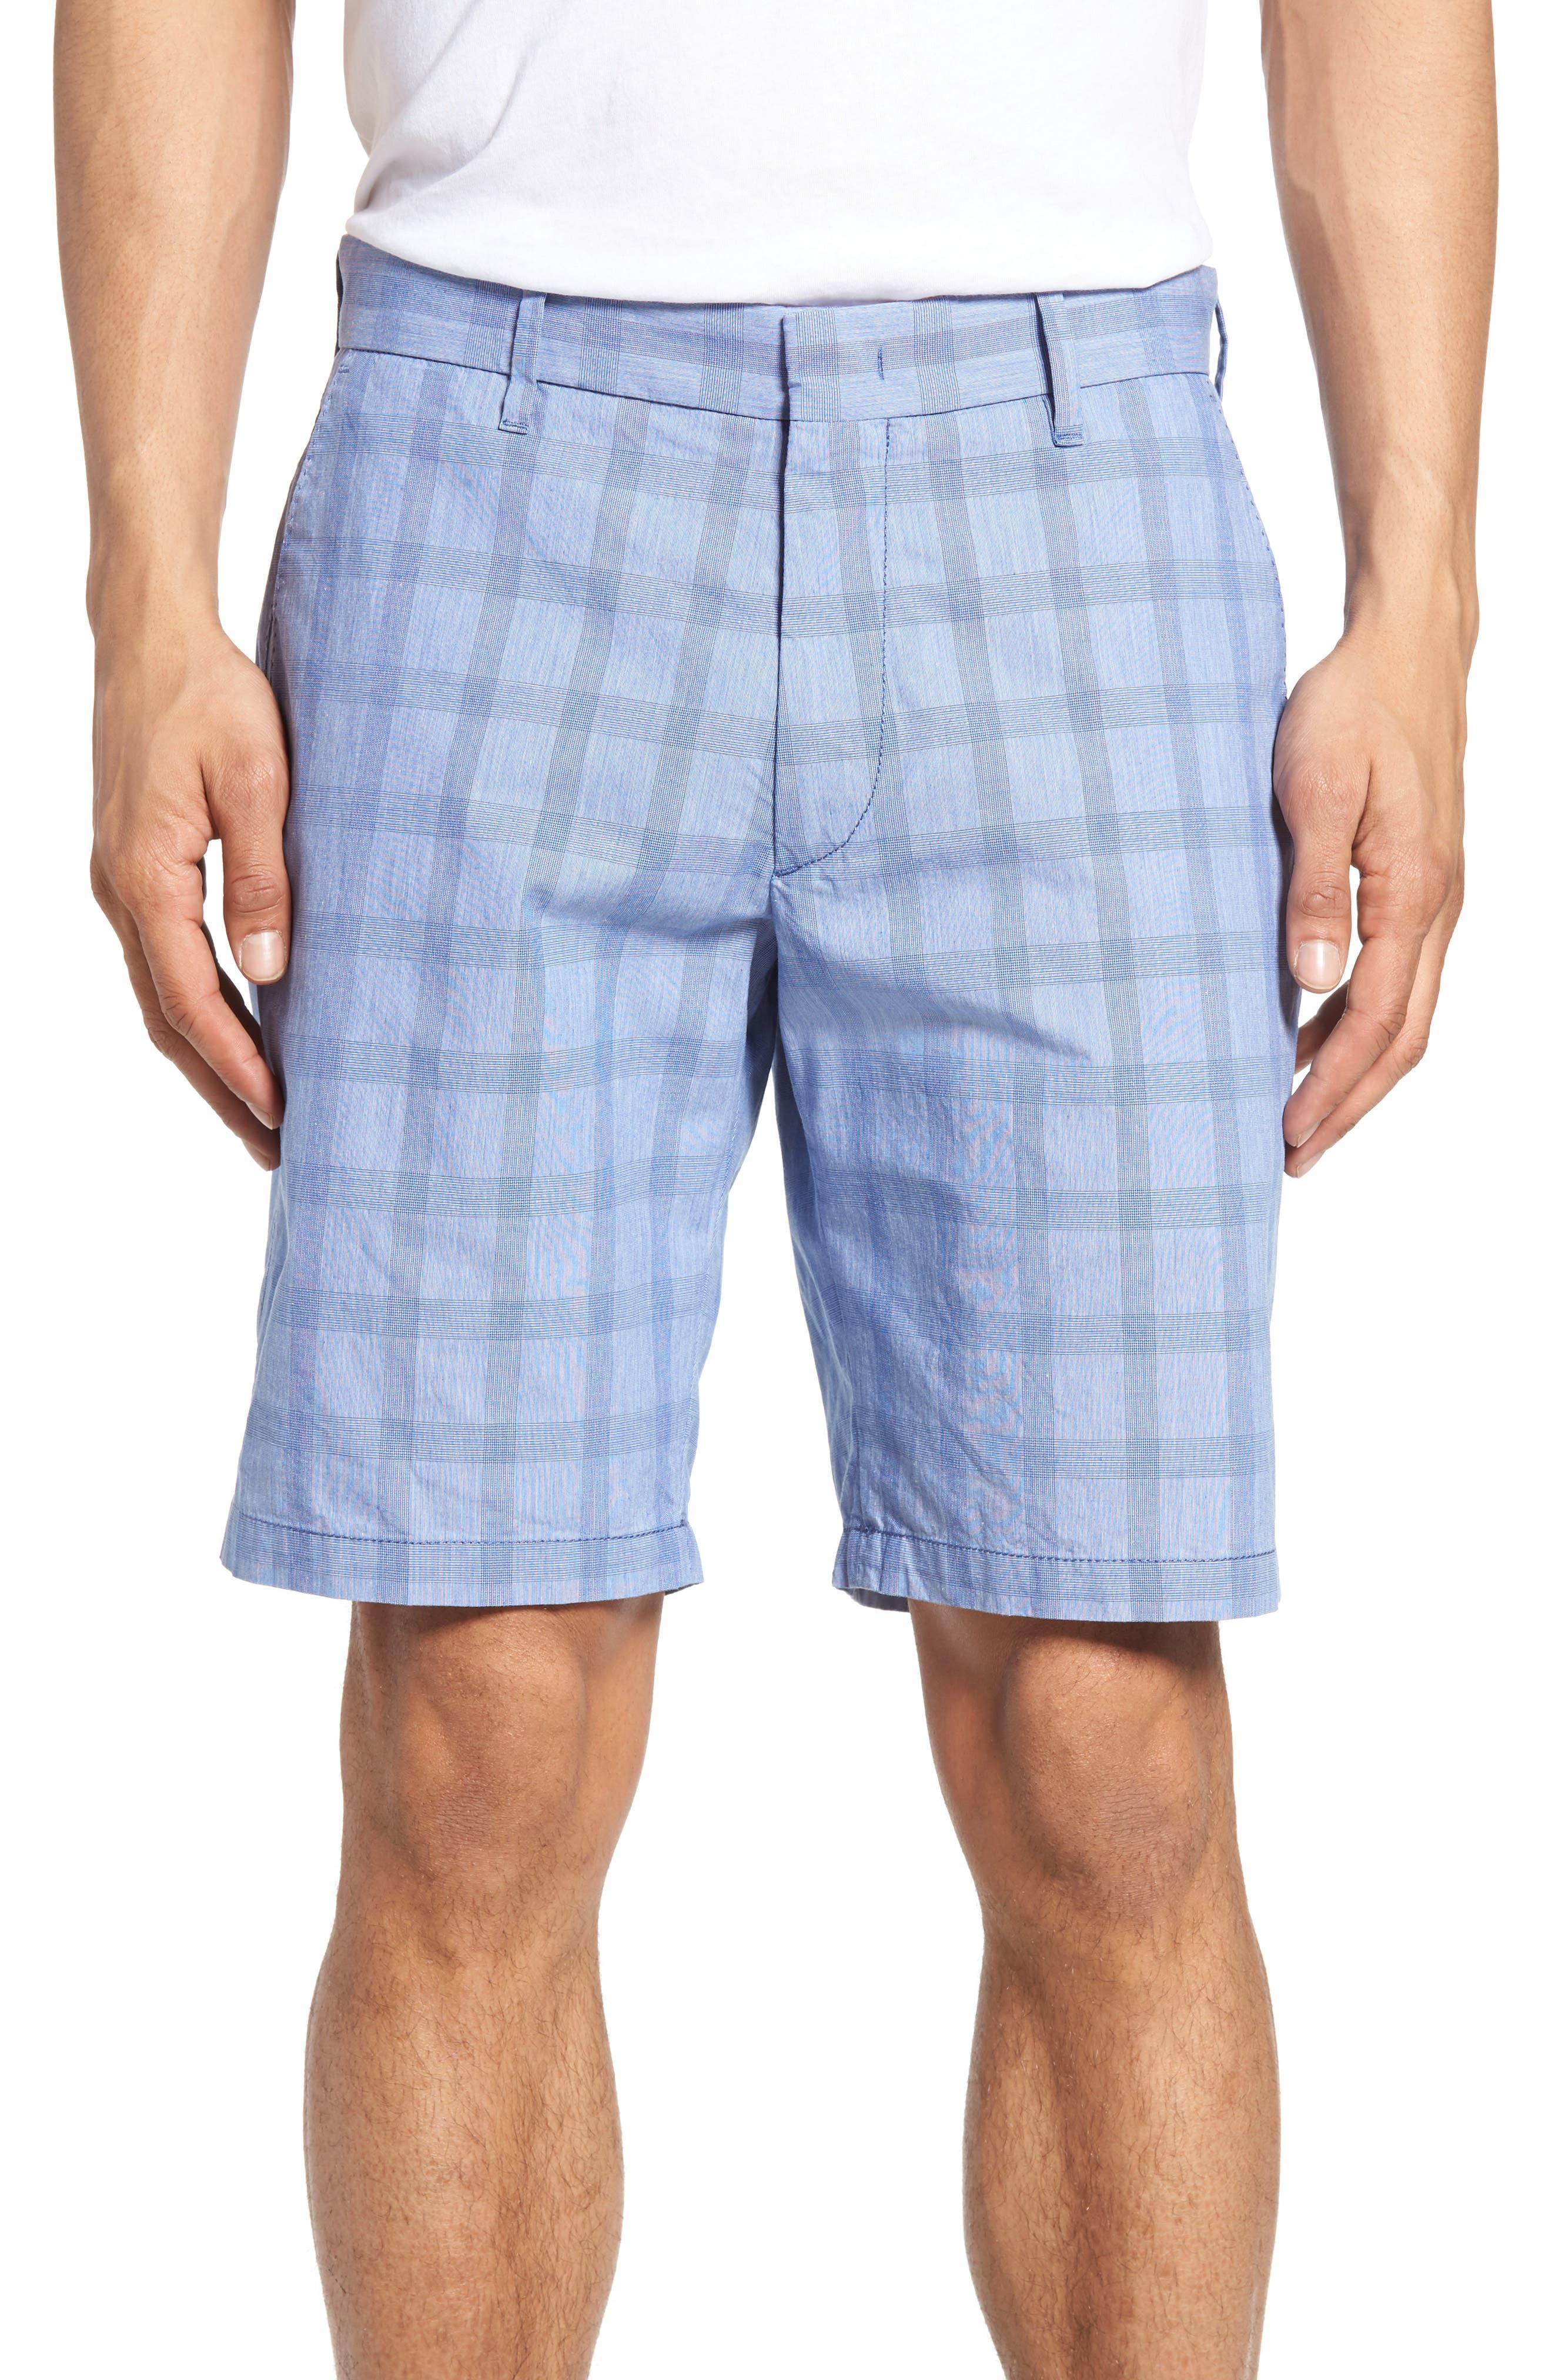 Antrorse Plaid Shorts,                         Main,                         color, 400